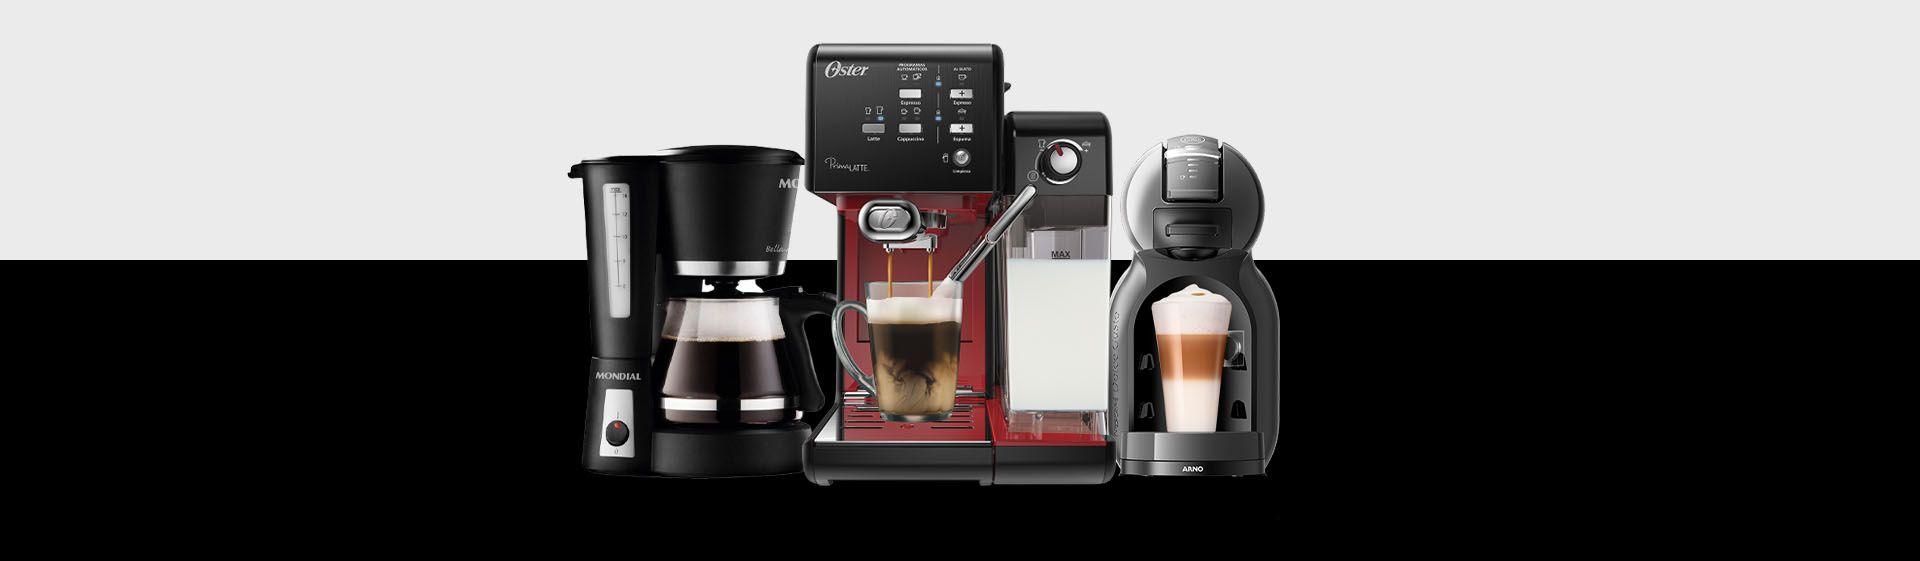 Como avaliamos as cafeteiras no Zoom